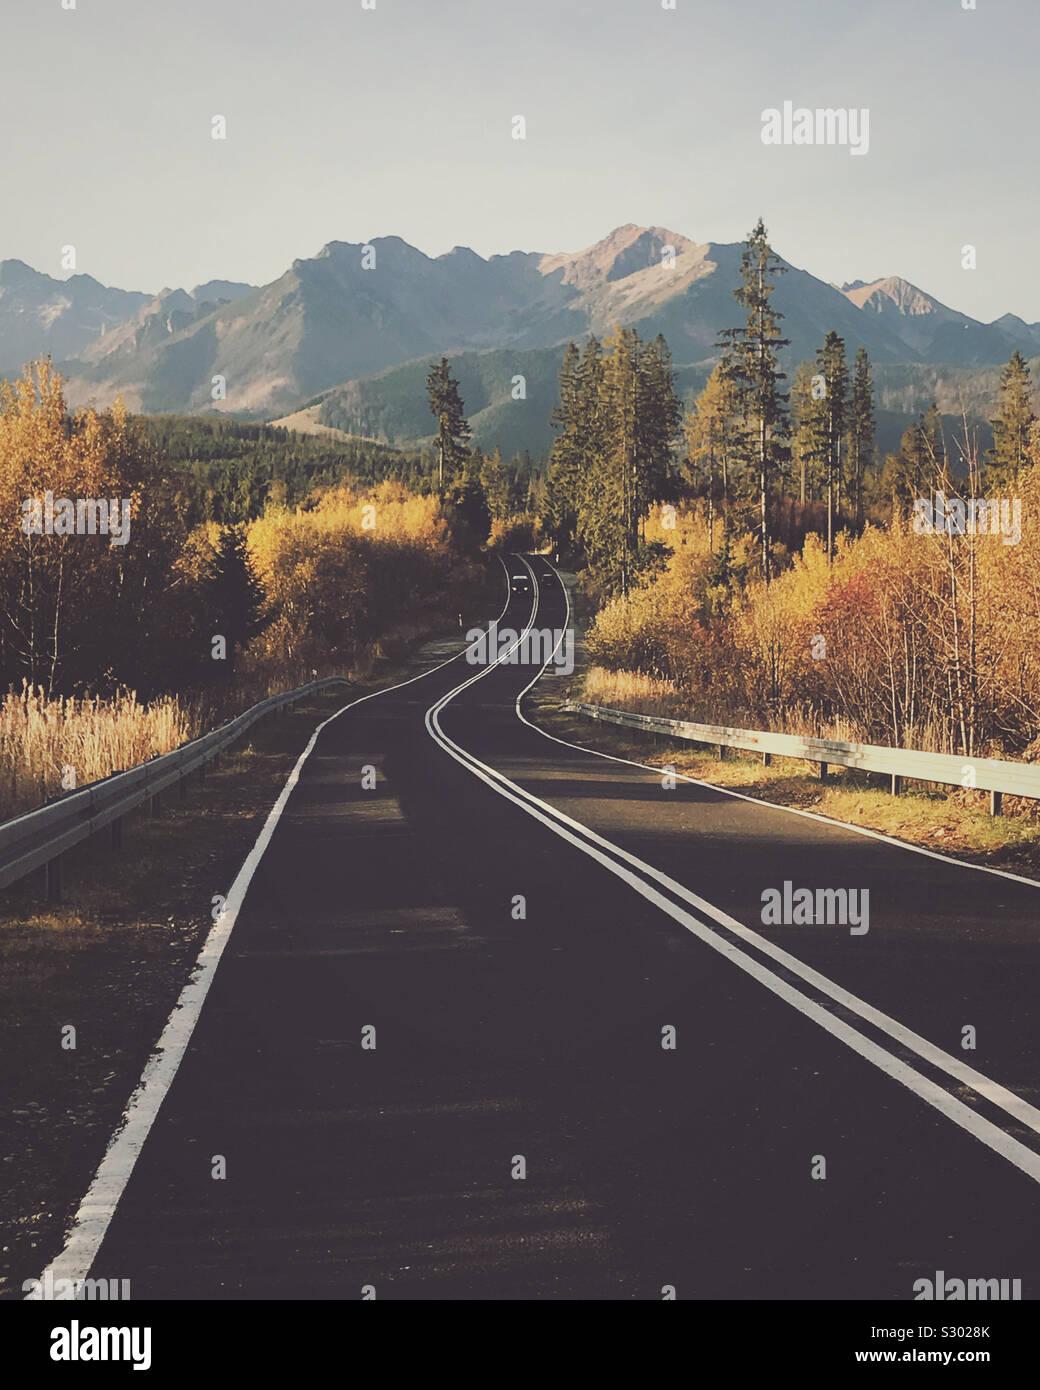 Automne Automne road paysage avec vue sur les montagnes. Banque D'Images